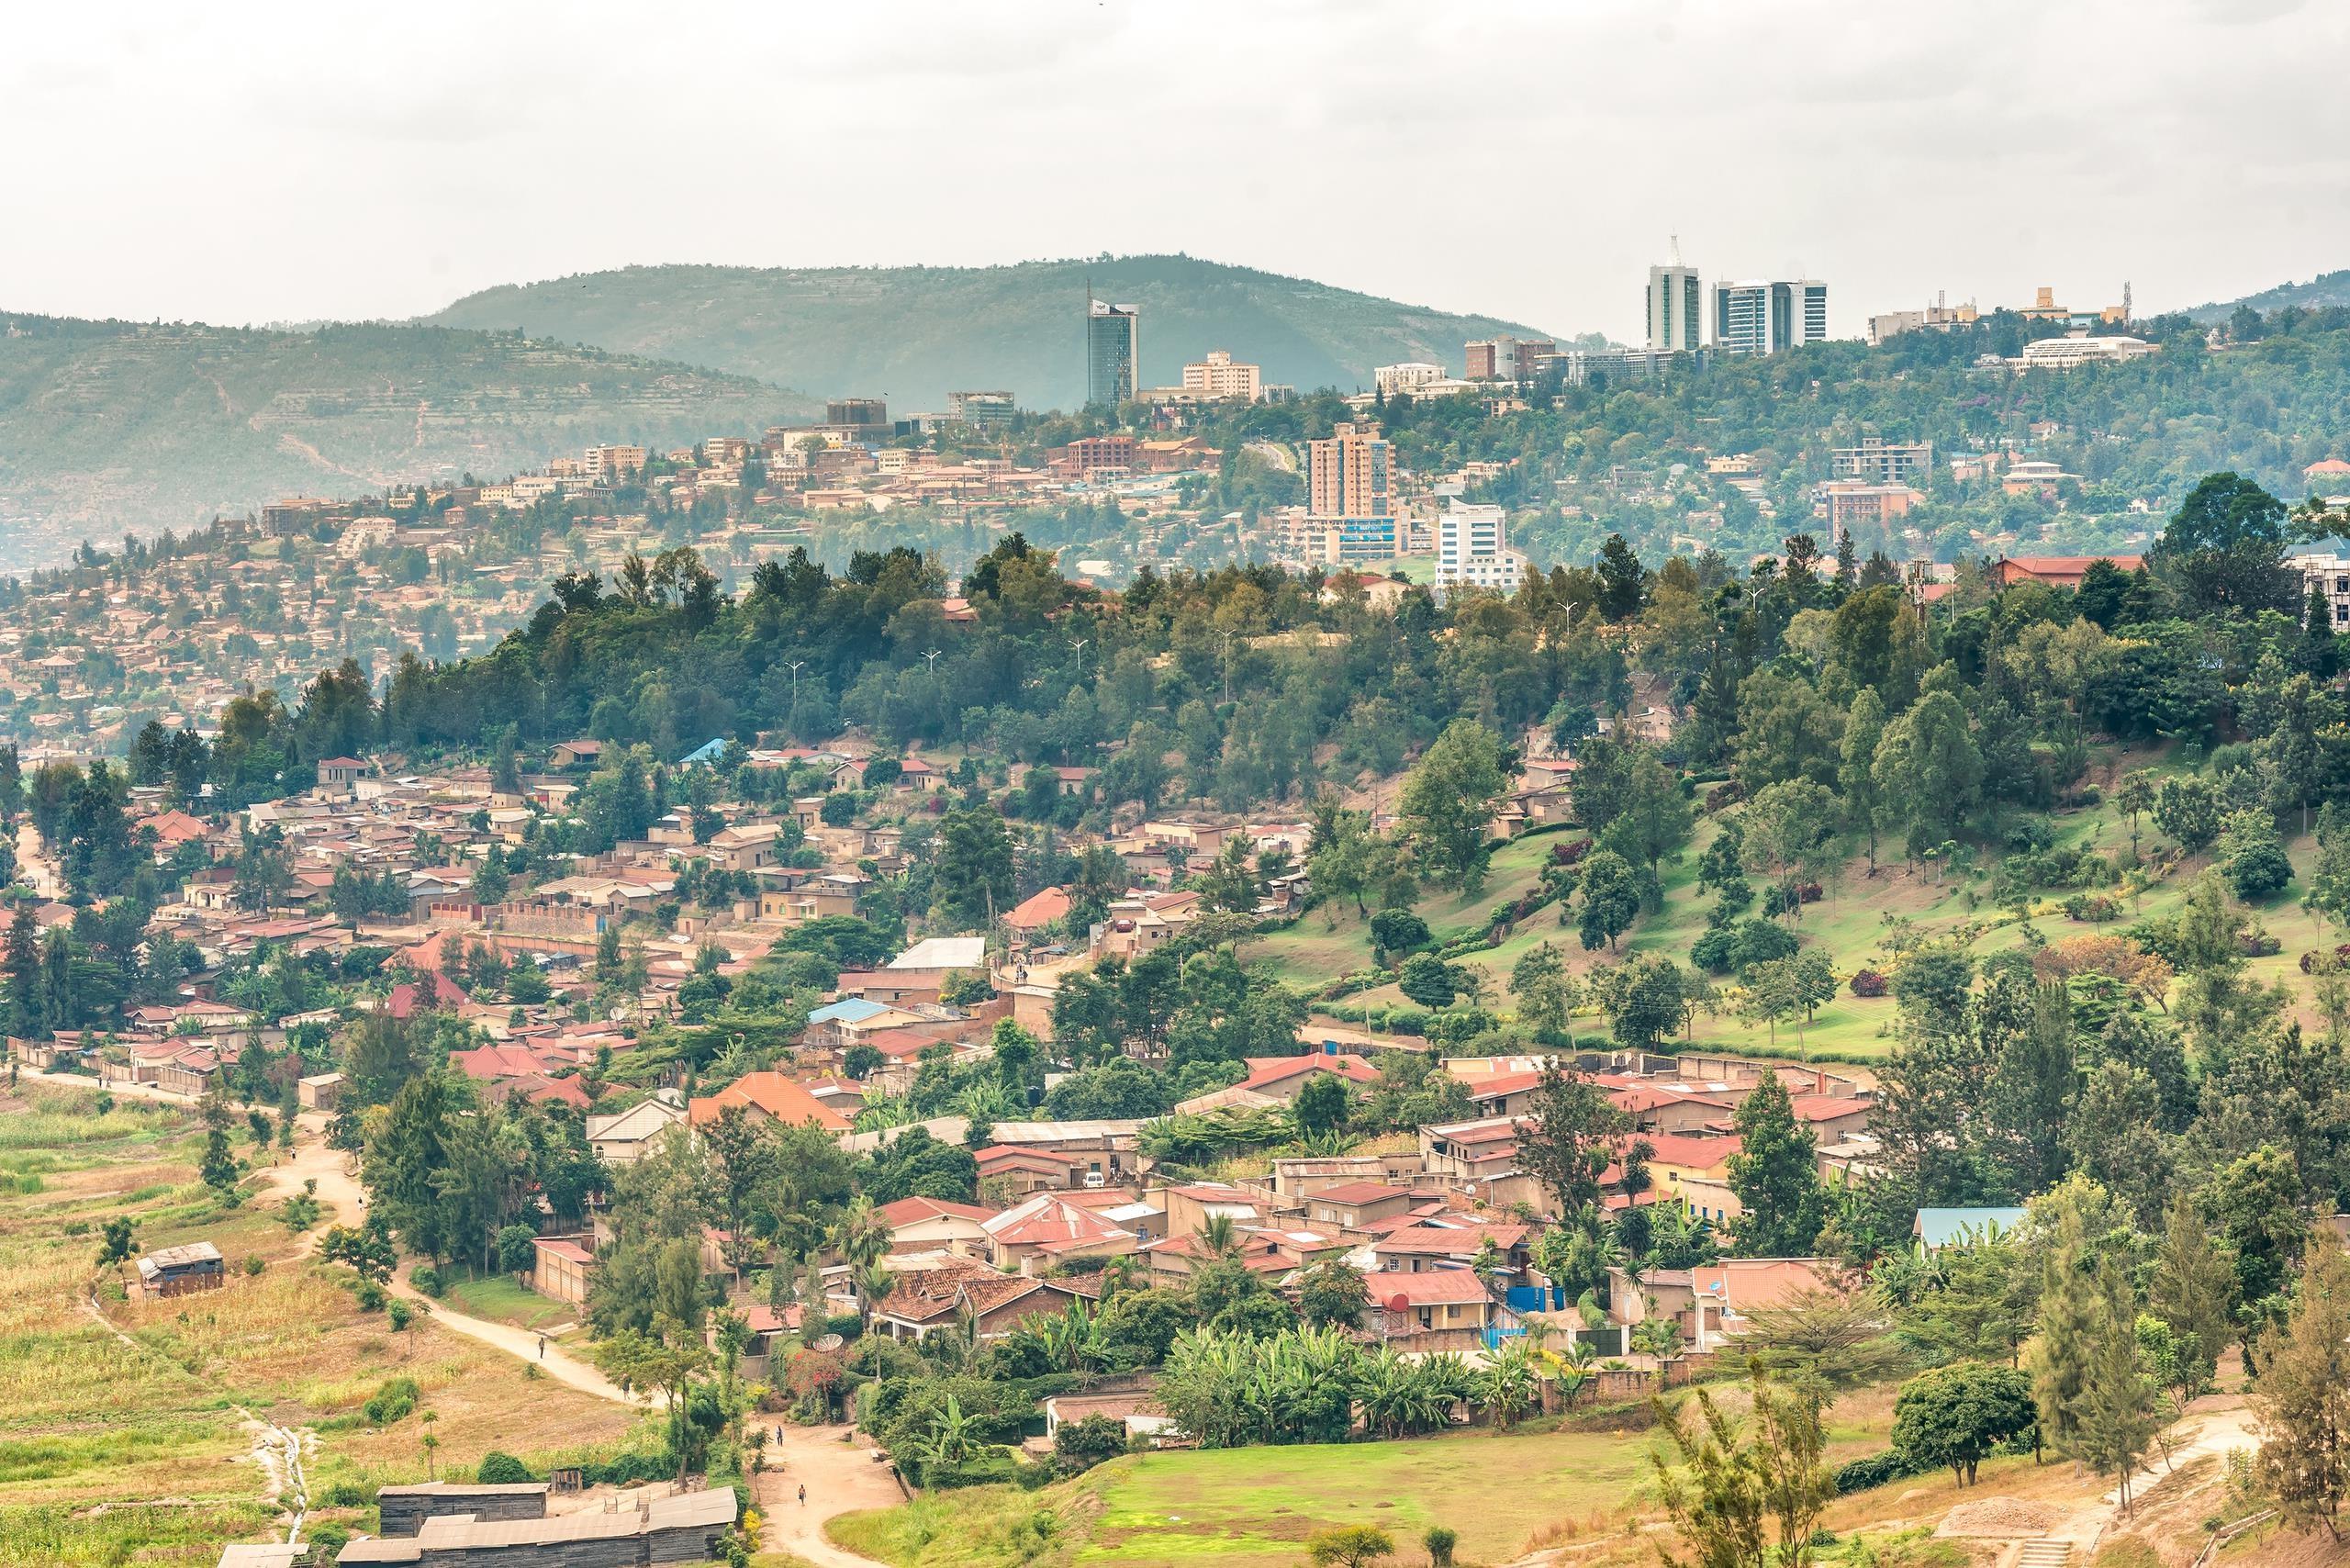 Kigali capitale Rwanda